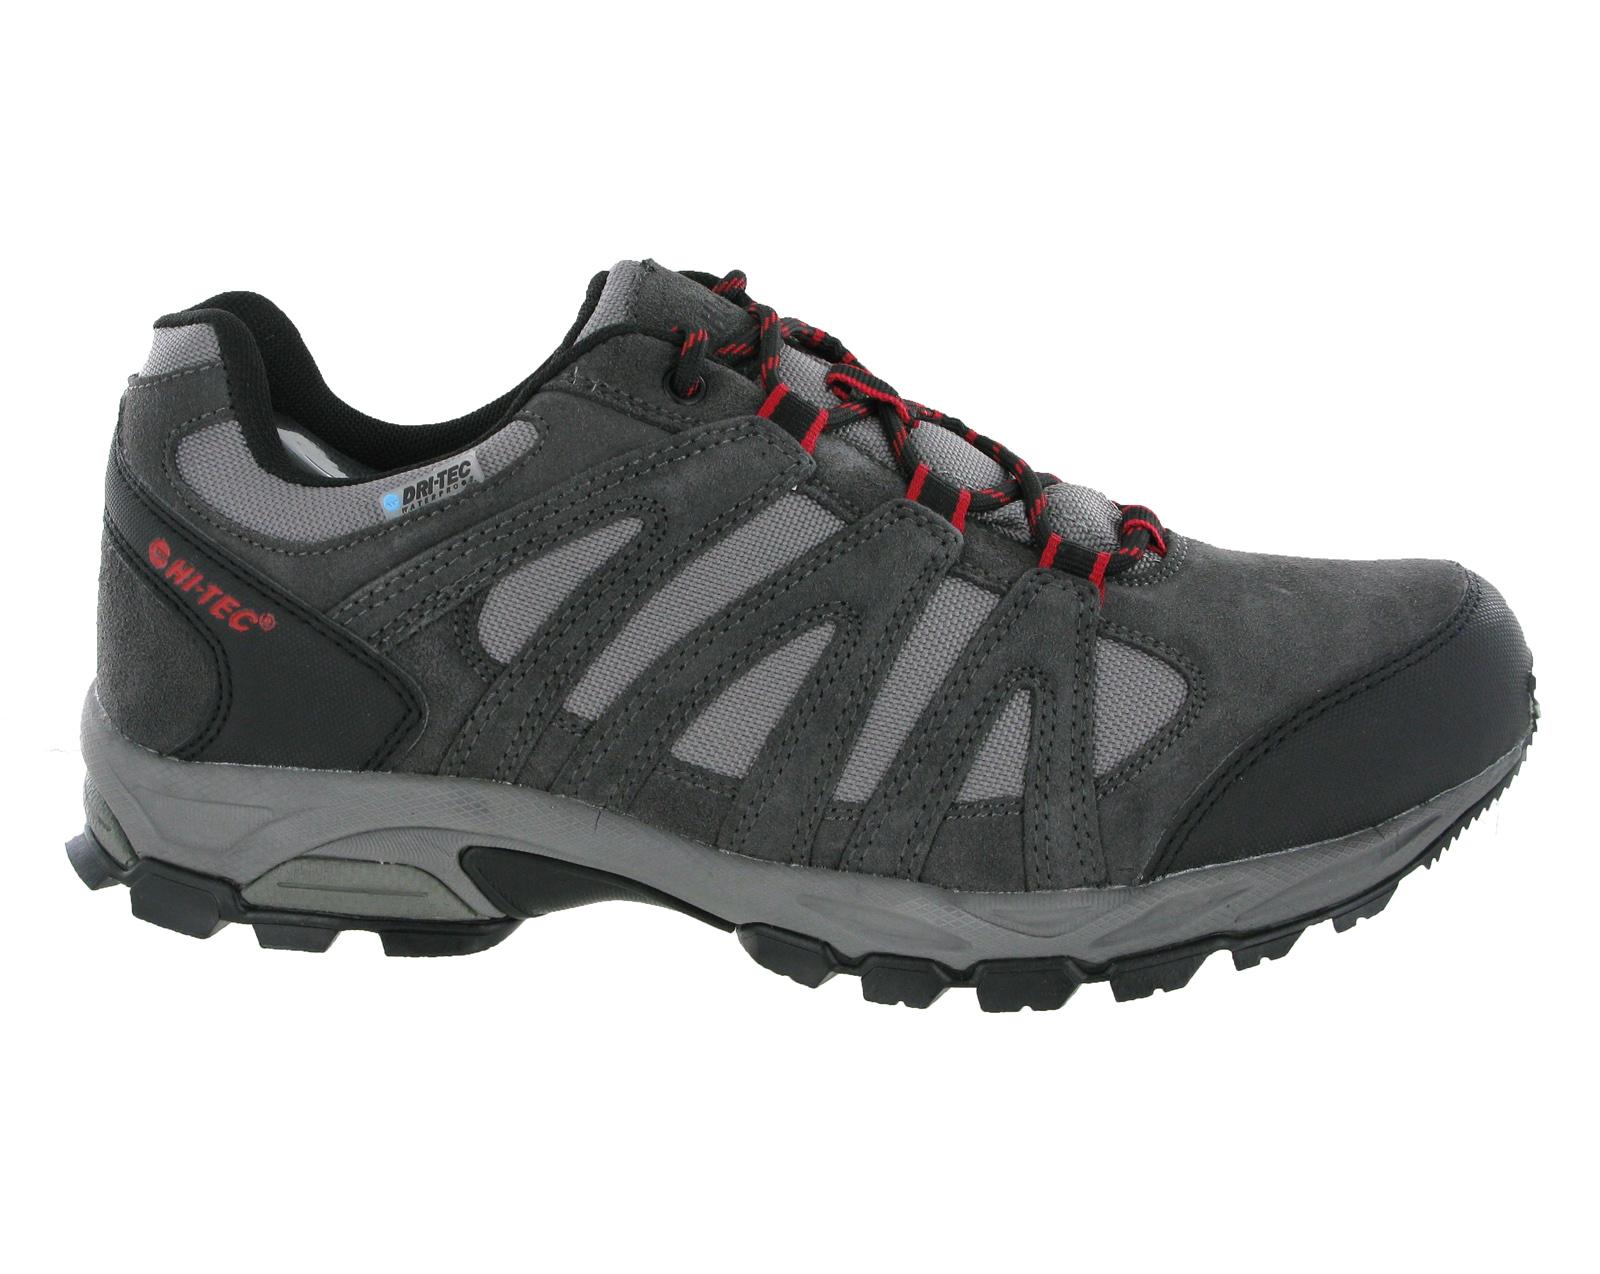 Lightweight Waterproof Walking Shoes Ebay Uk